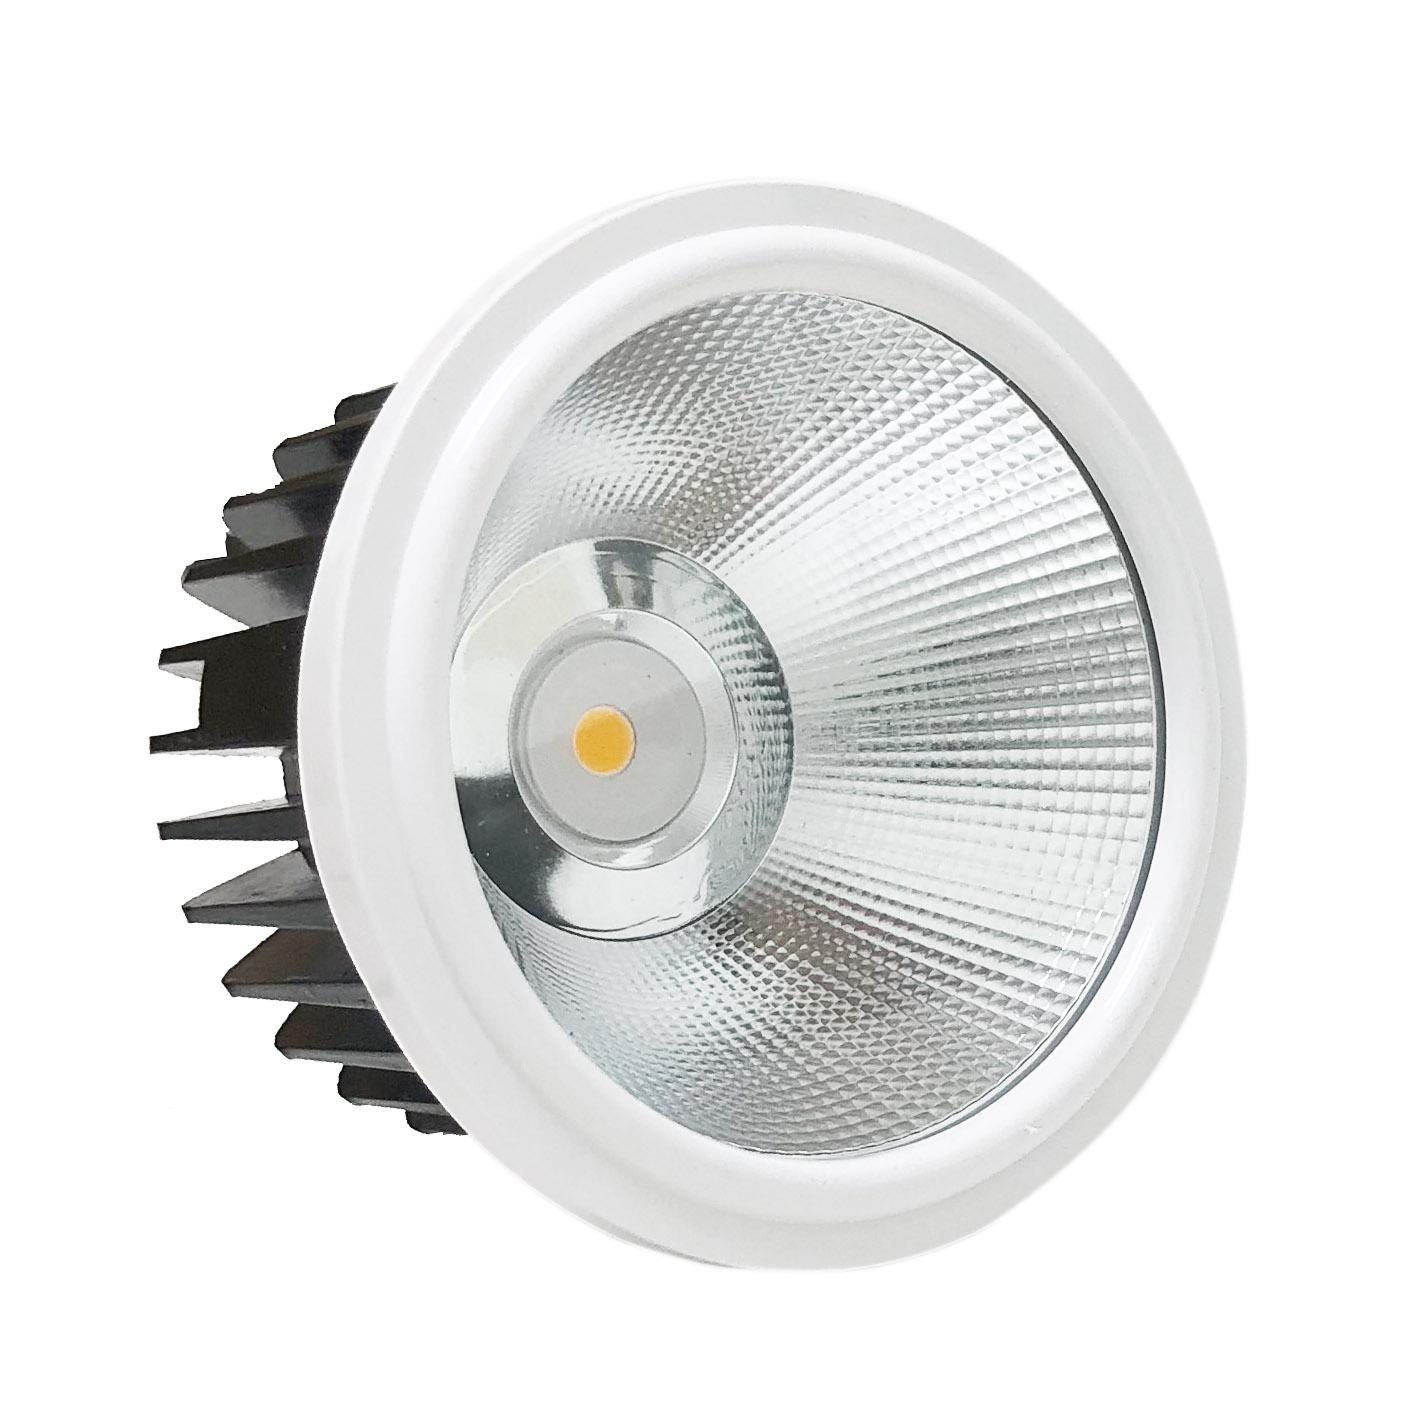 Lampada Per Faretto A Led.L78 Ar111 20w Offerte Lampadine Led Silamp Lampada